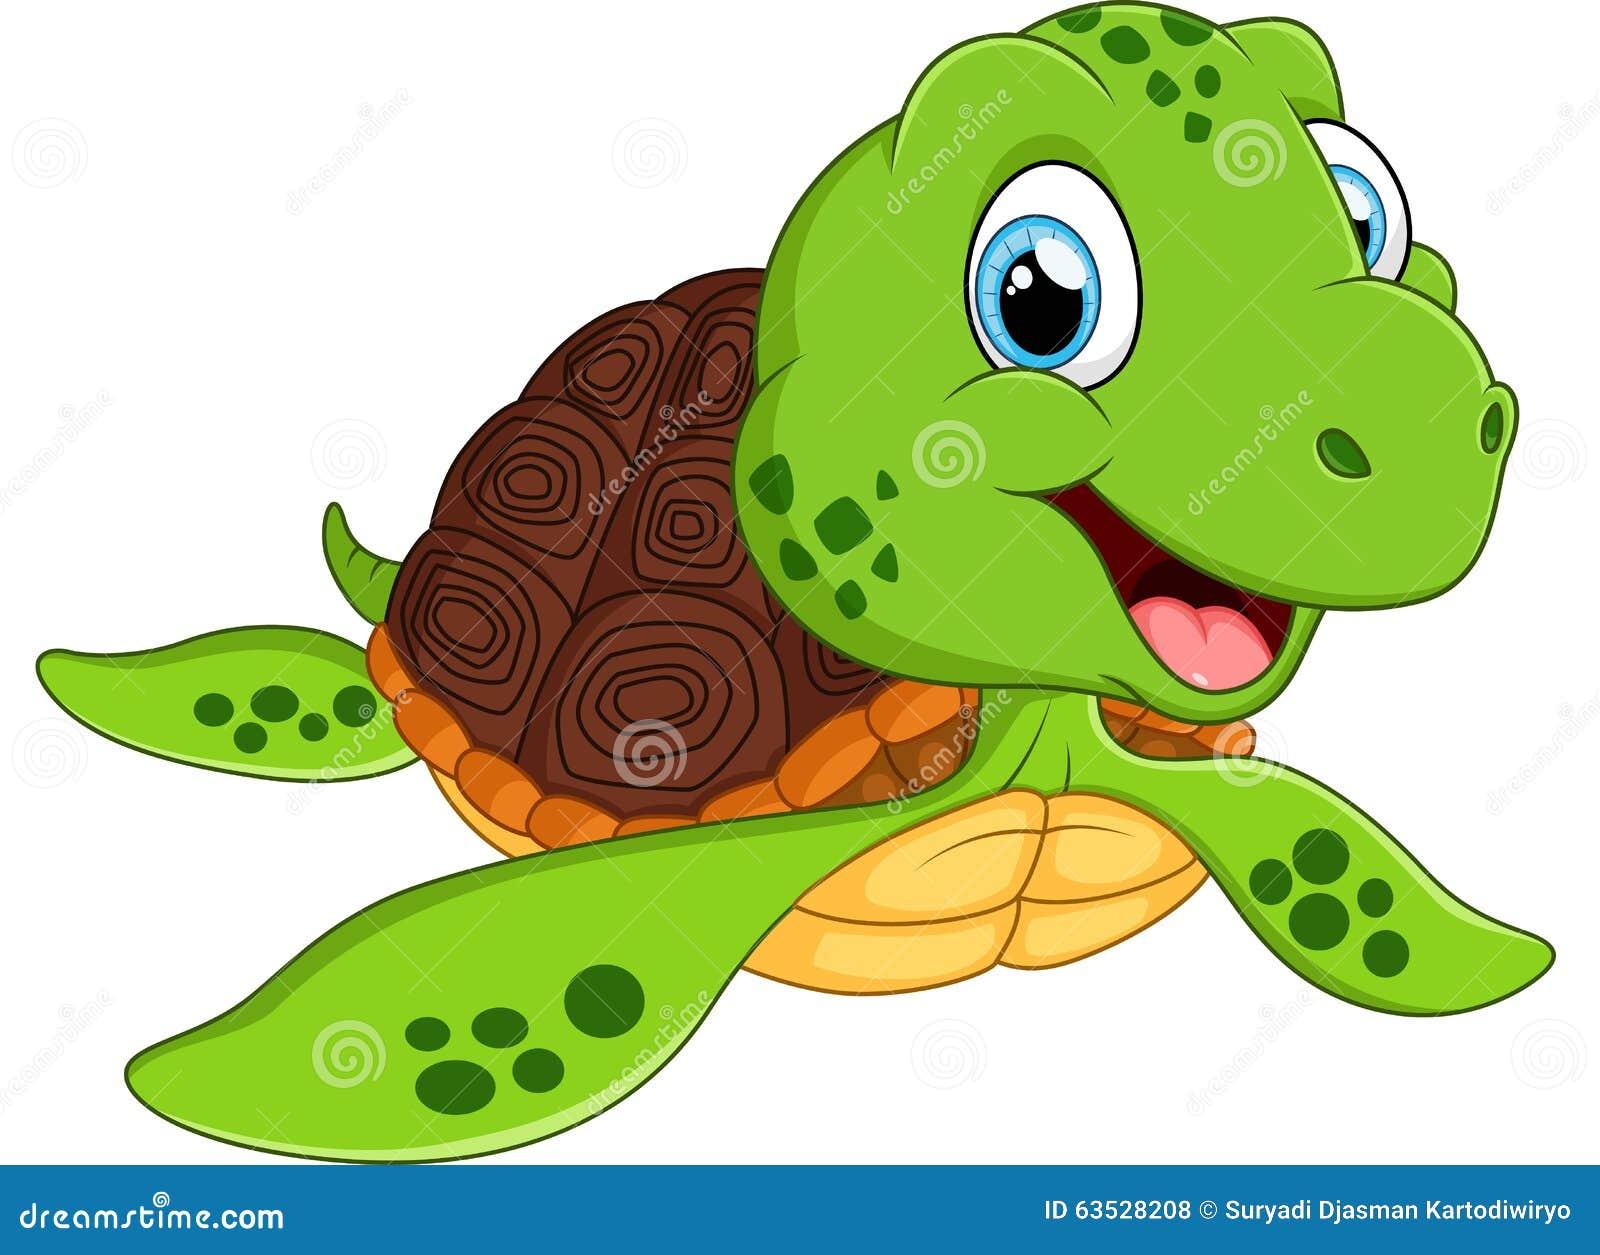 Happy Sea Turtle Cartoon Stock Vector - Image: 63528208